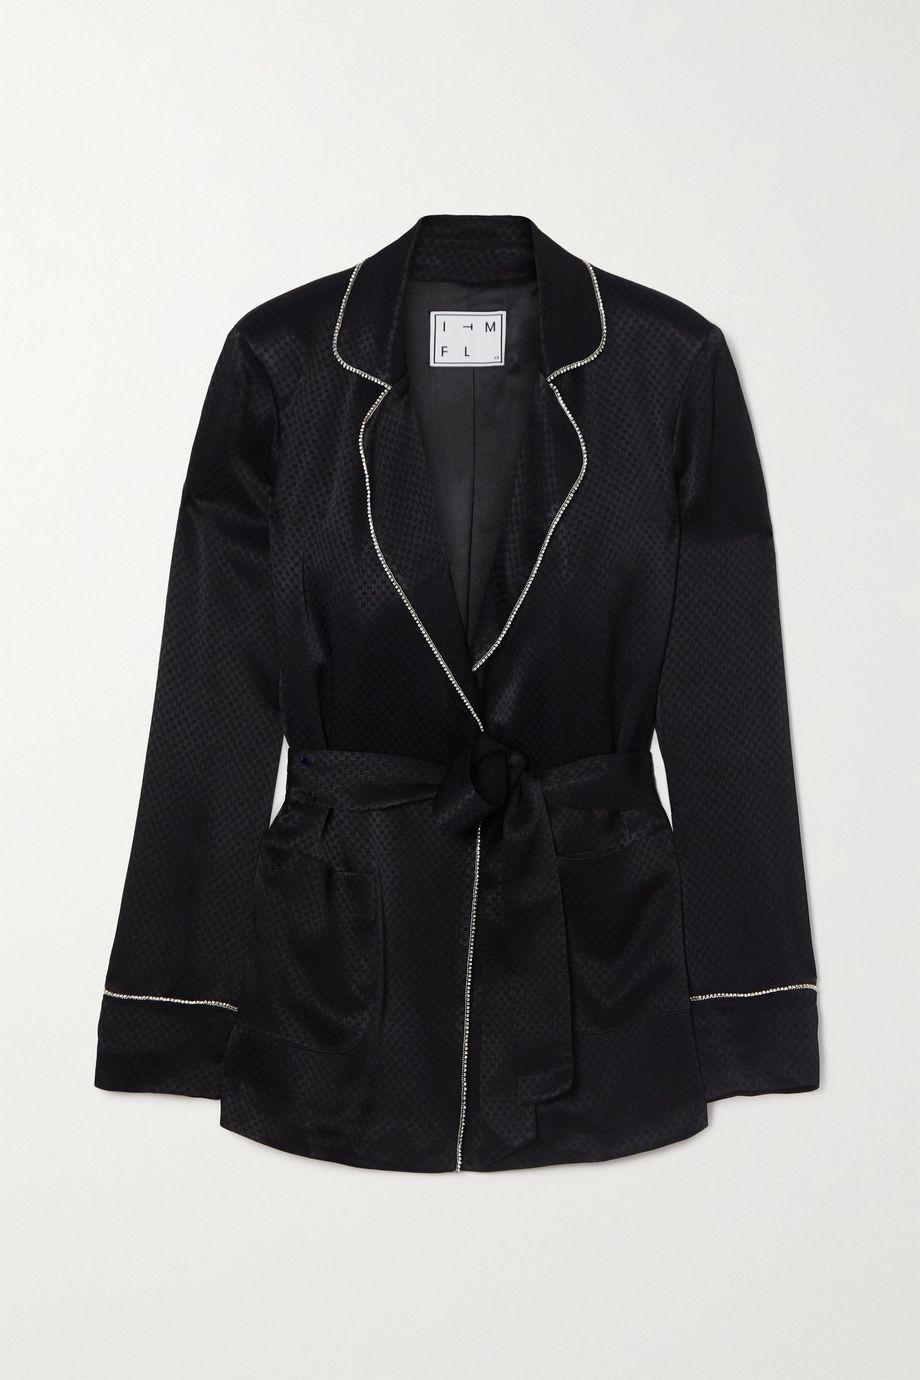 In The Mood For Love Hugh crystal-embellished satin-jacquard blazer